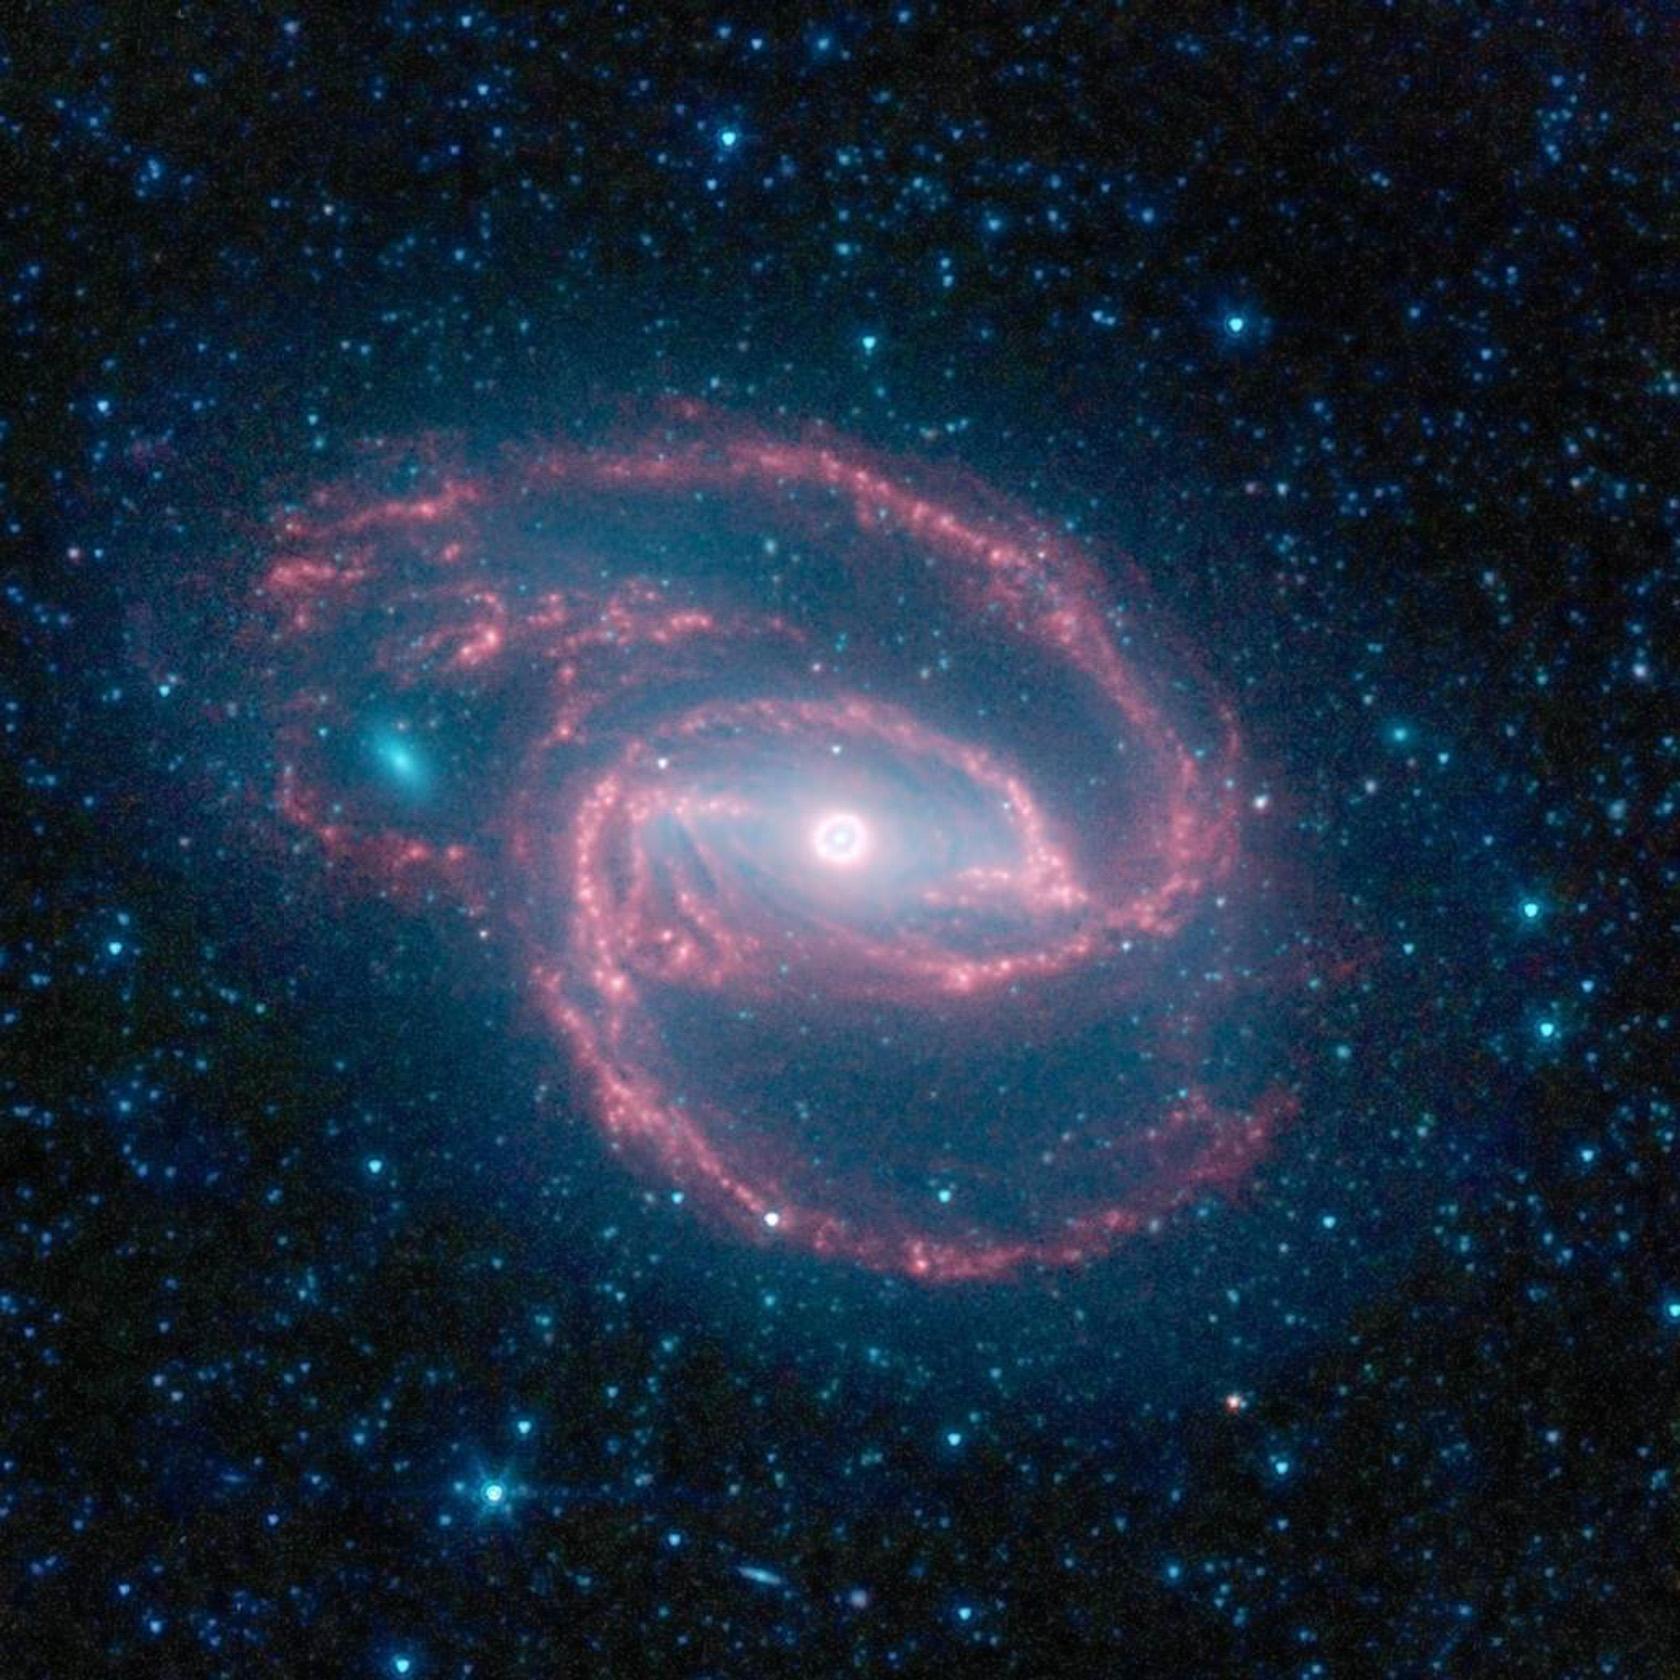 L'Oggetto di Hoag, conosciuta come galassia ad anello, è una galassia dalla forma particolare, la cui struttura ha appassionato molti astronomi. Venne scoperta da Arthur Allen Hoag nel 1950, che la classificò come una nebulosa planetaria o una galassia di forma peculiare